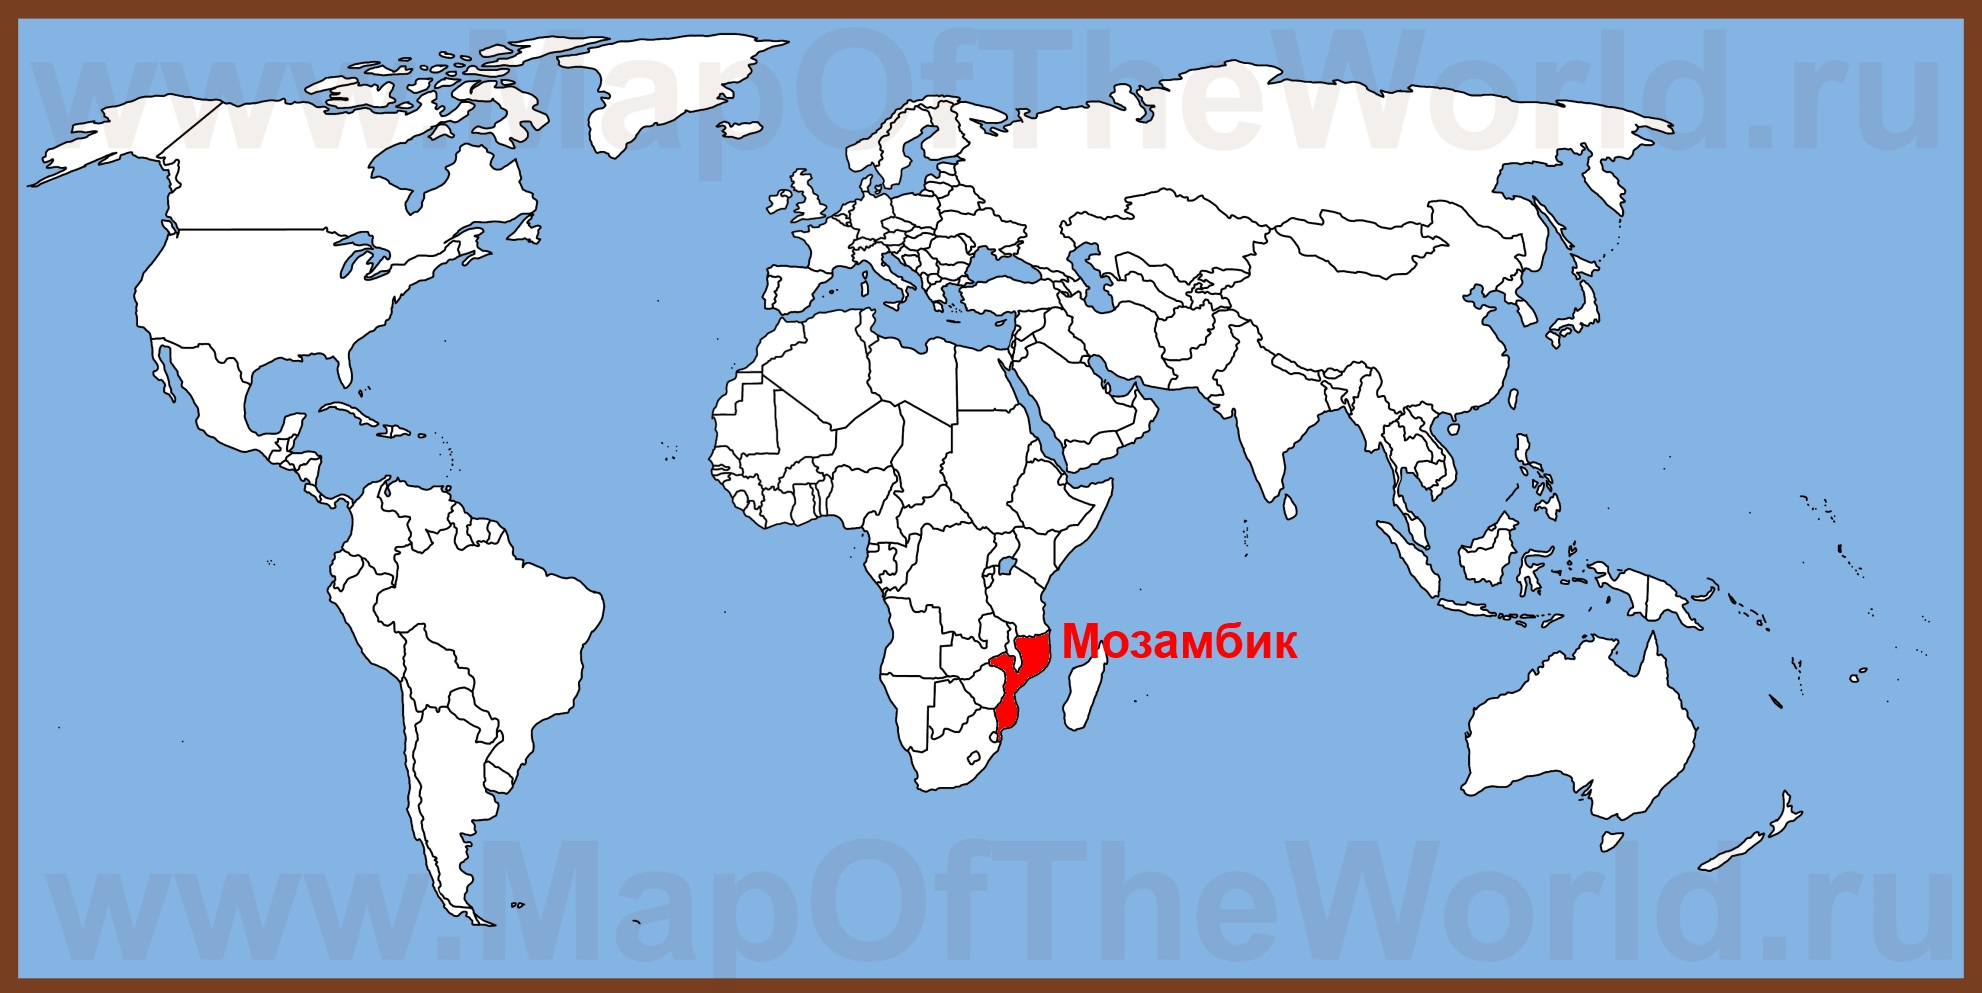 Мозамбик на карте мира